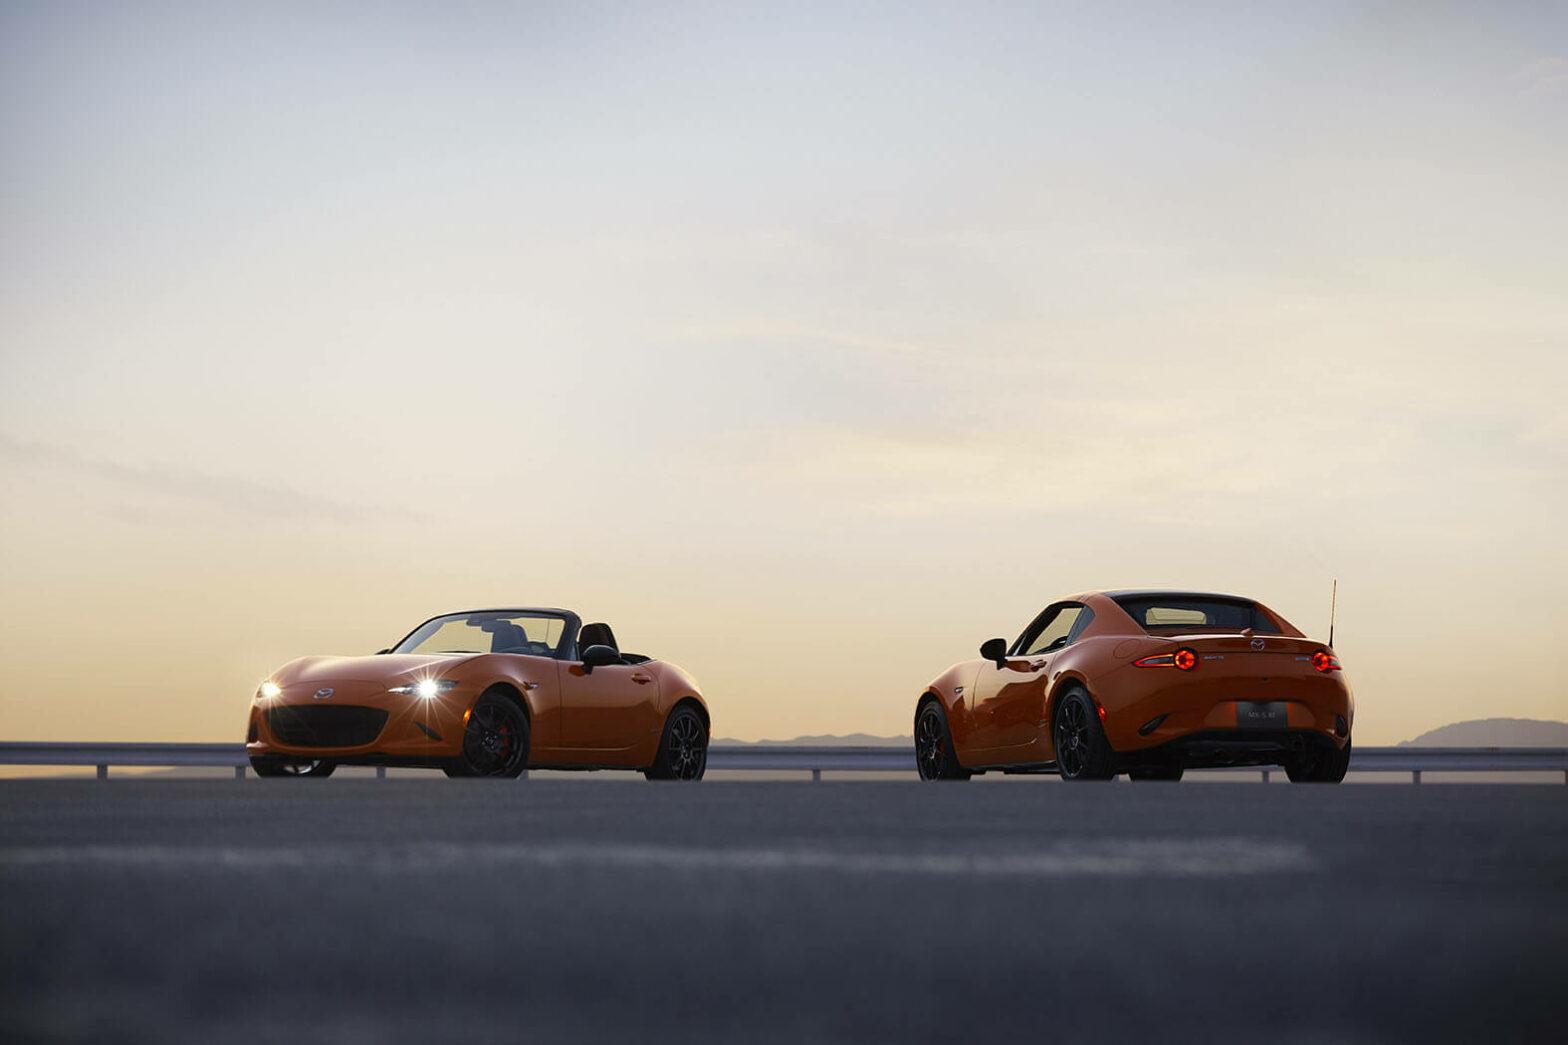 【マツダのスポーツカー一覧】現行車種と個性的な歴代モデルを紹介!